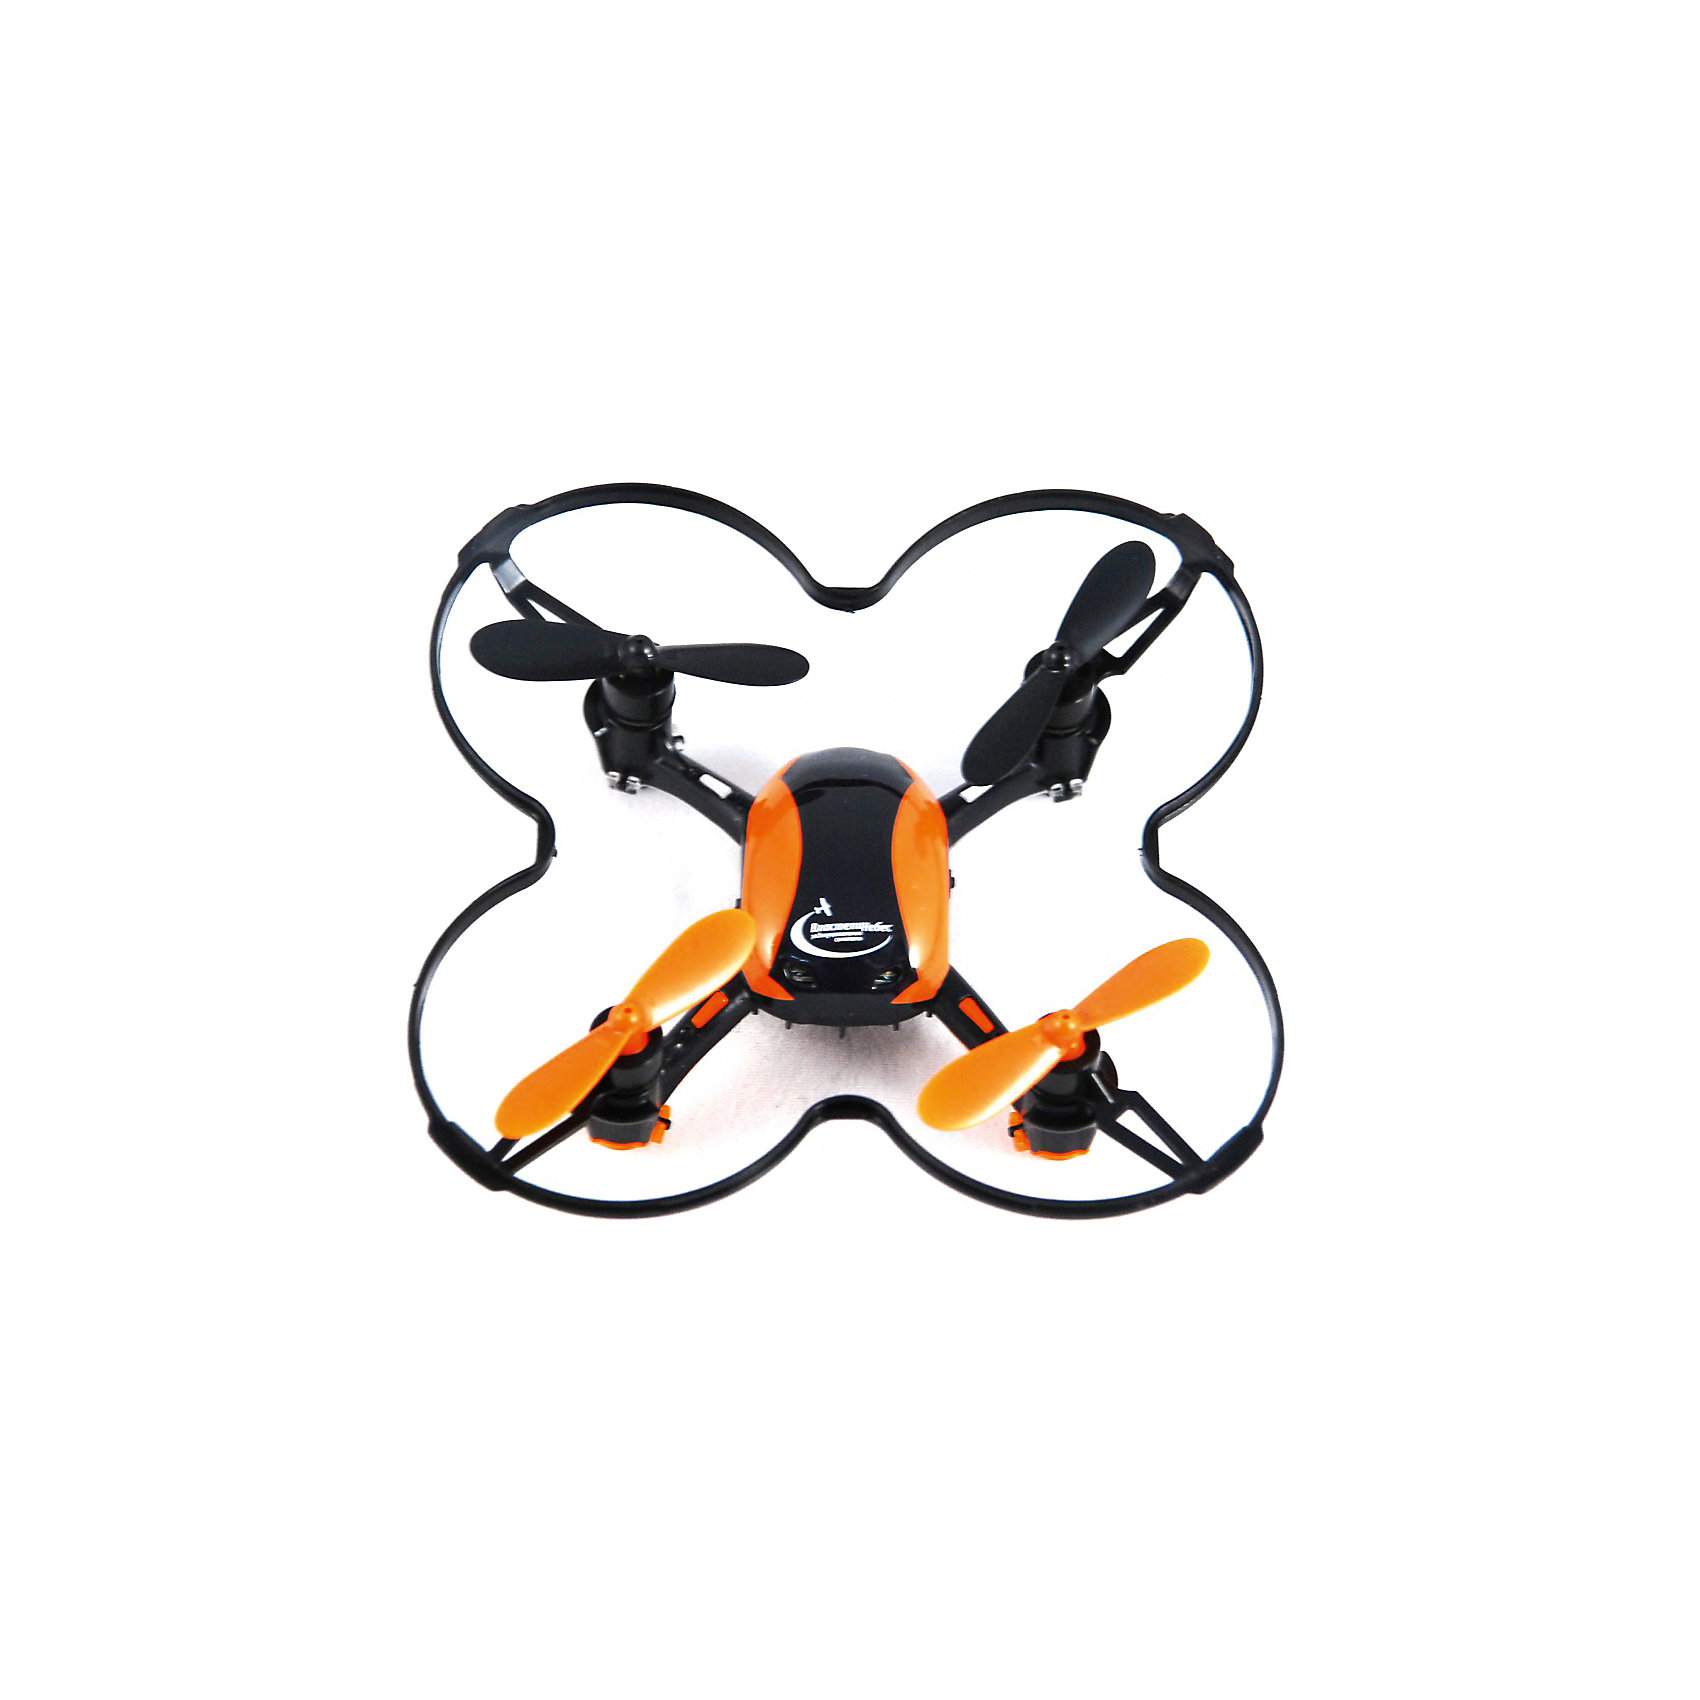 Квадрокоптер р/у «Нано коптер», Властелин небесКвадрокоптер р/у «Нано коптер», ВласелиНебес.<br><br>Характеристики:<br><br>- Комплектация: квадрокоптер, пульт дистанционного управления, запасные винты для квадрокоптера, USB-кабель для подзарядки<br>- Размеры игрушки: 9х9х2 см.<br>- Питание игрушки: 3,7 аккумулятор Li-poli<br>- Для работы ПДУ необходимы 3 батарейки типа ААА (в комплект не входят)<br>- 3 скоростных режима полета<br>- Время полета: 6-7 минут<br>- Материалы: высококачественный пластик, металл<br><br>Яркий квадрокоптер р/у Нано коптер станет превосходным подарком юному любителю техники. В набор входит удобный инфракрасный четырехканальный пульт, выполненный в той же стилистике, что и квадрокоптер. Сигнал передается на расстояние 40-50 метров. Квадрокоптер оборудован мощным 6-осевым гироскопом, стабилизирующим полет, благодаря чему малыш сможет играть не только на улице, но и в помещении. Оранжевые лопасти, стильный корпус и яркие сигнальные огни будут смотреться очень эффектно, особенно в темное время суток. Квадрокоптер р/у Нано коптер отлично держится в воздухе, может совершать не только повороты вправо и влево, но и выполнять мертвую петлю в любую сторону. Корпус квадрокоптера выполнен из легкого прочного пластика, выдерживающего удары о землю при случайном падении.<br><br>Квадрокоптер р/у «Нано коптер», ВласелиНебес можно купить в нашем интернет-магазине.<br><br>Ширина мм: 80<br>Глубина мм: 140<br>Высота мм: 205<br>Вес г: 210<br>Возраст от месяцев: 144<br>Возраст до месяцев: 2147483647<br>Пол: Мужской<br>Возраст: Детский<br>SKU: 5392764